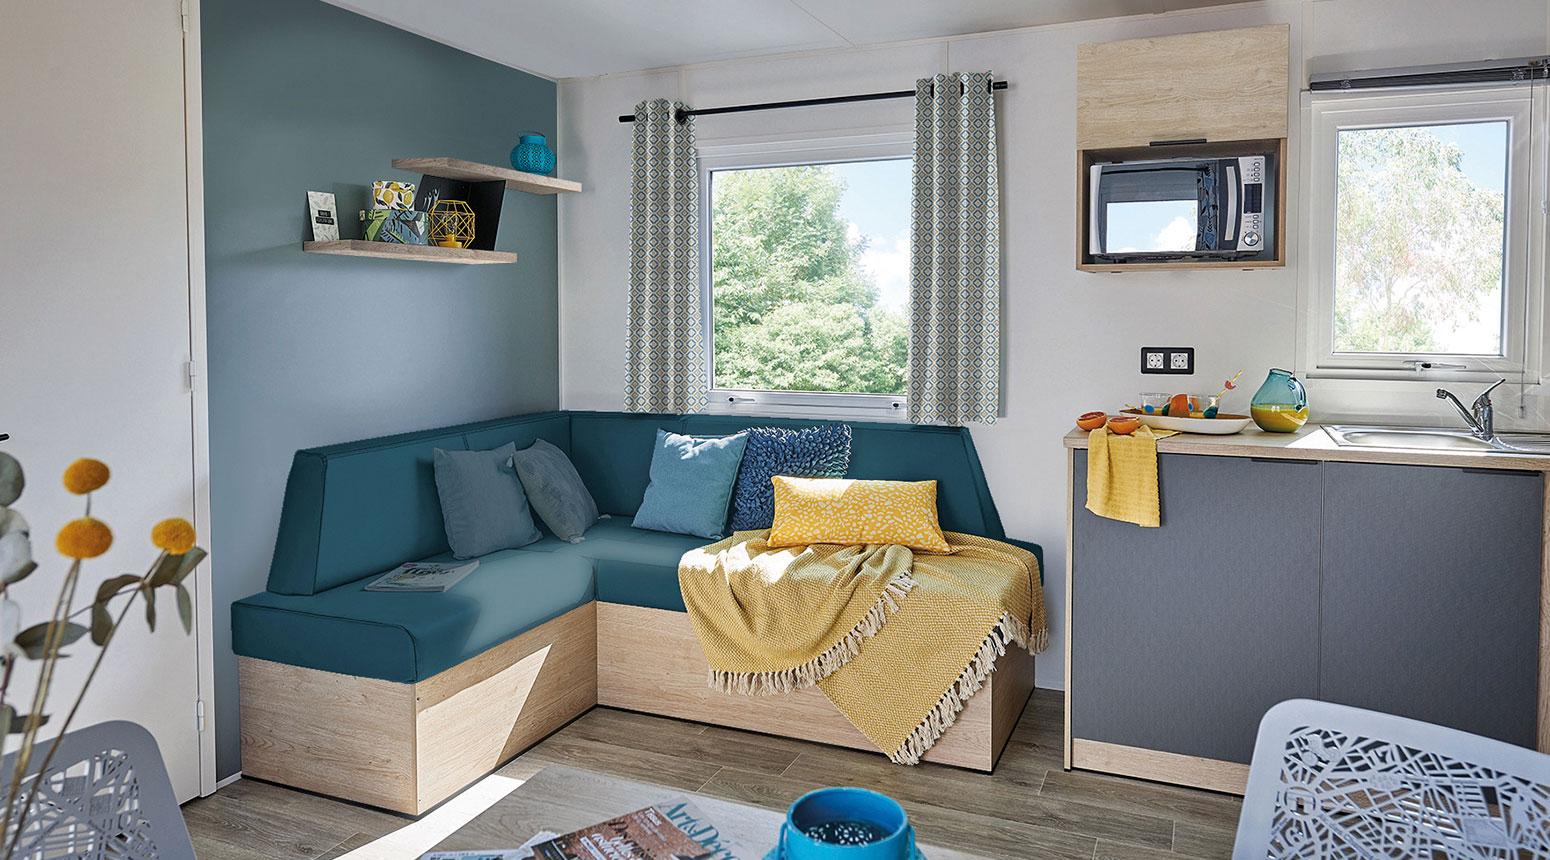 Salon moderne et lumineux vente de mobil home Bidart Camping Le Ruisseau